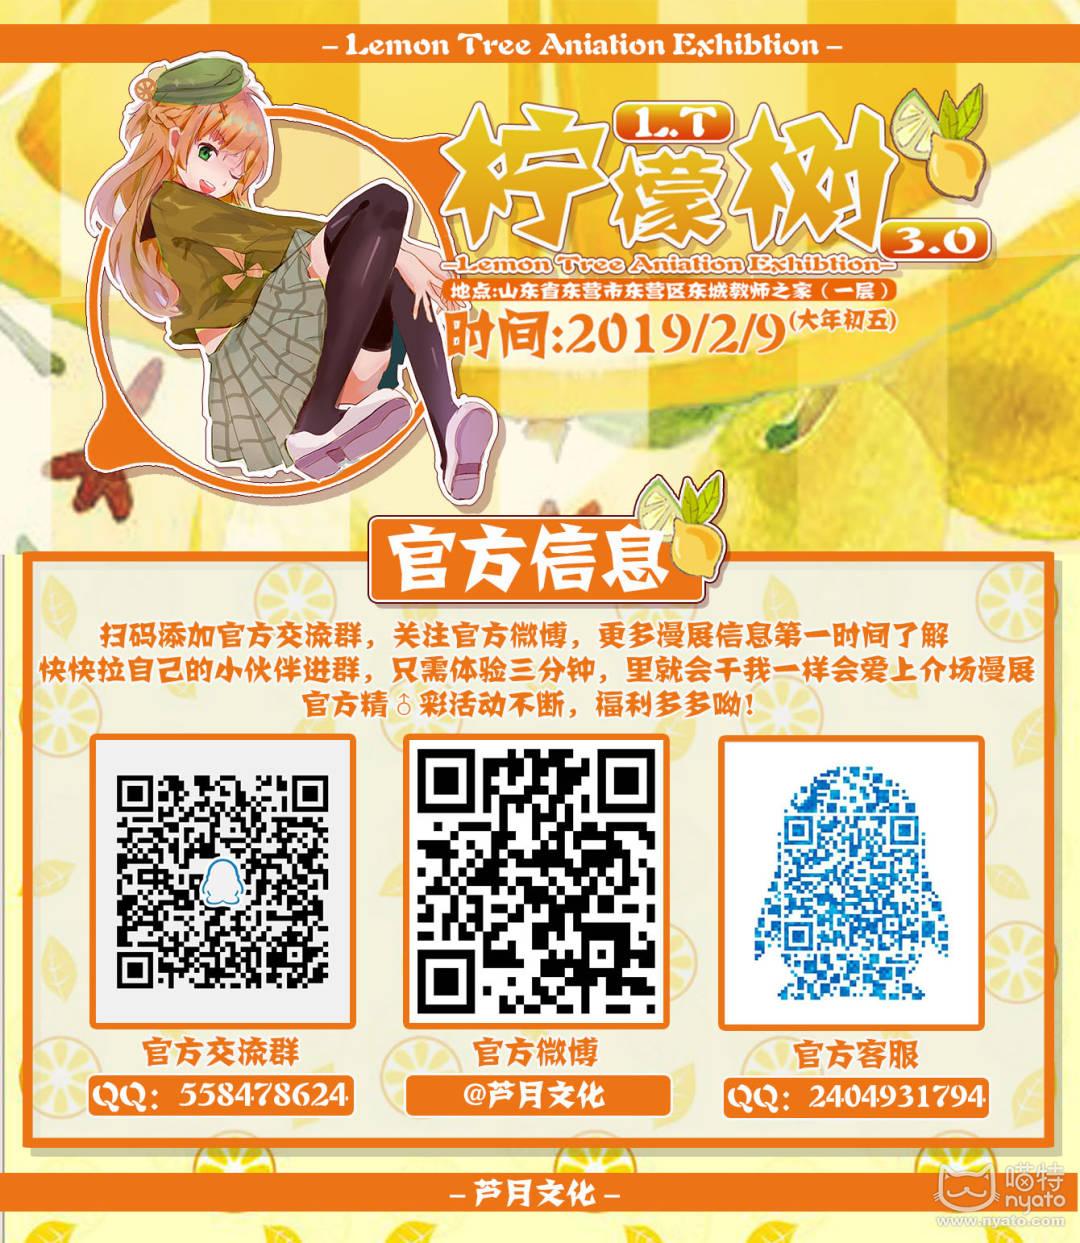 柠檬树3.0一宣(官方消息).jpg